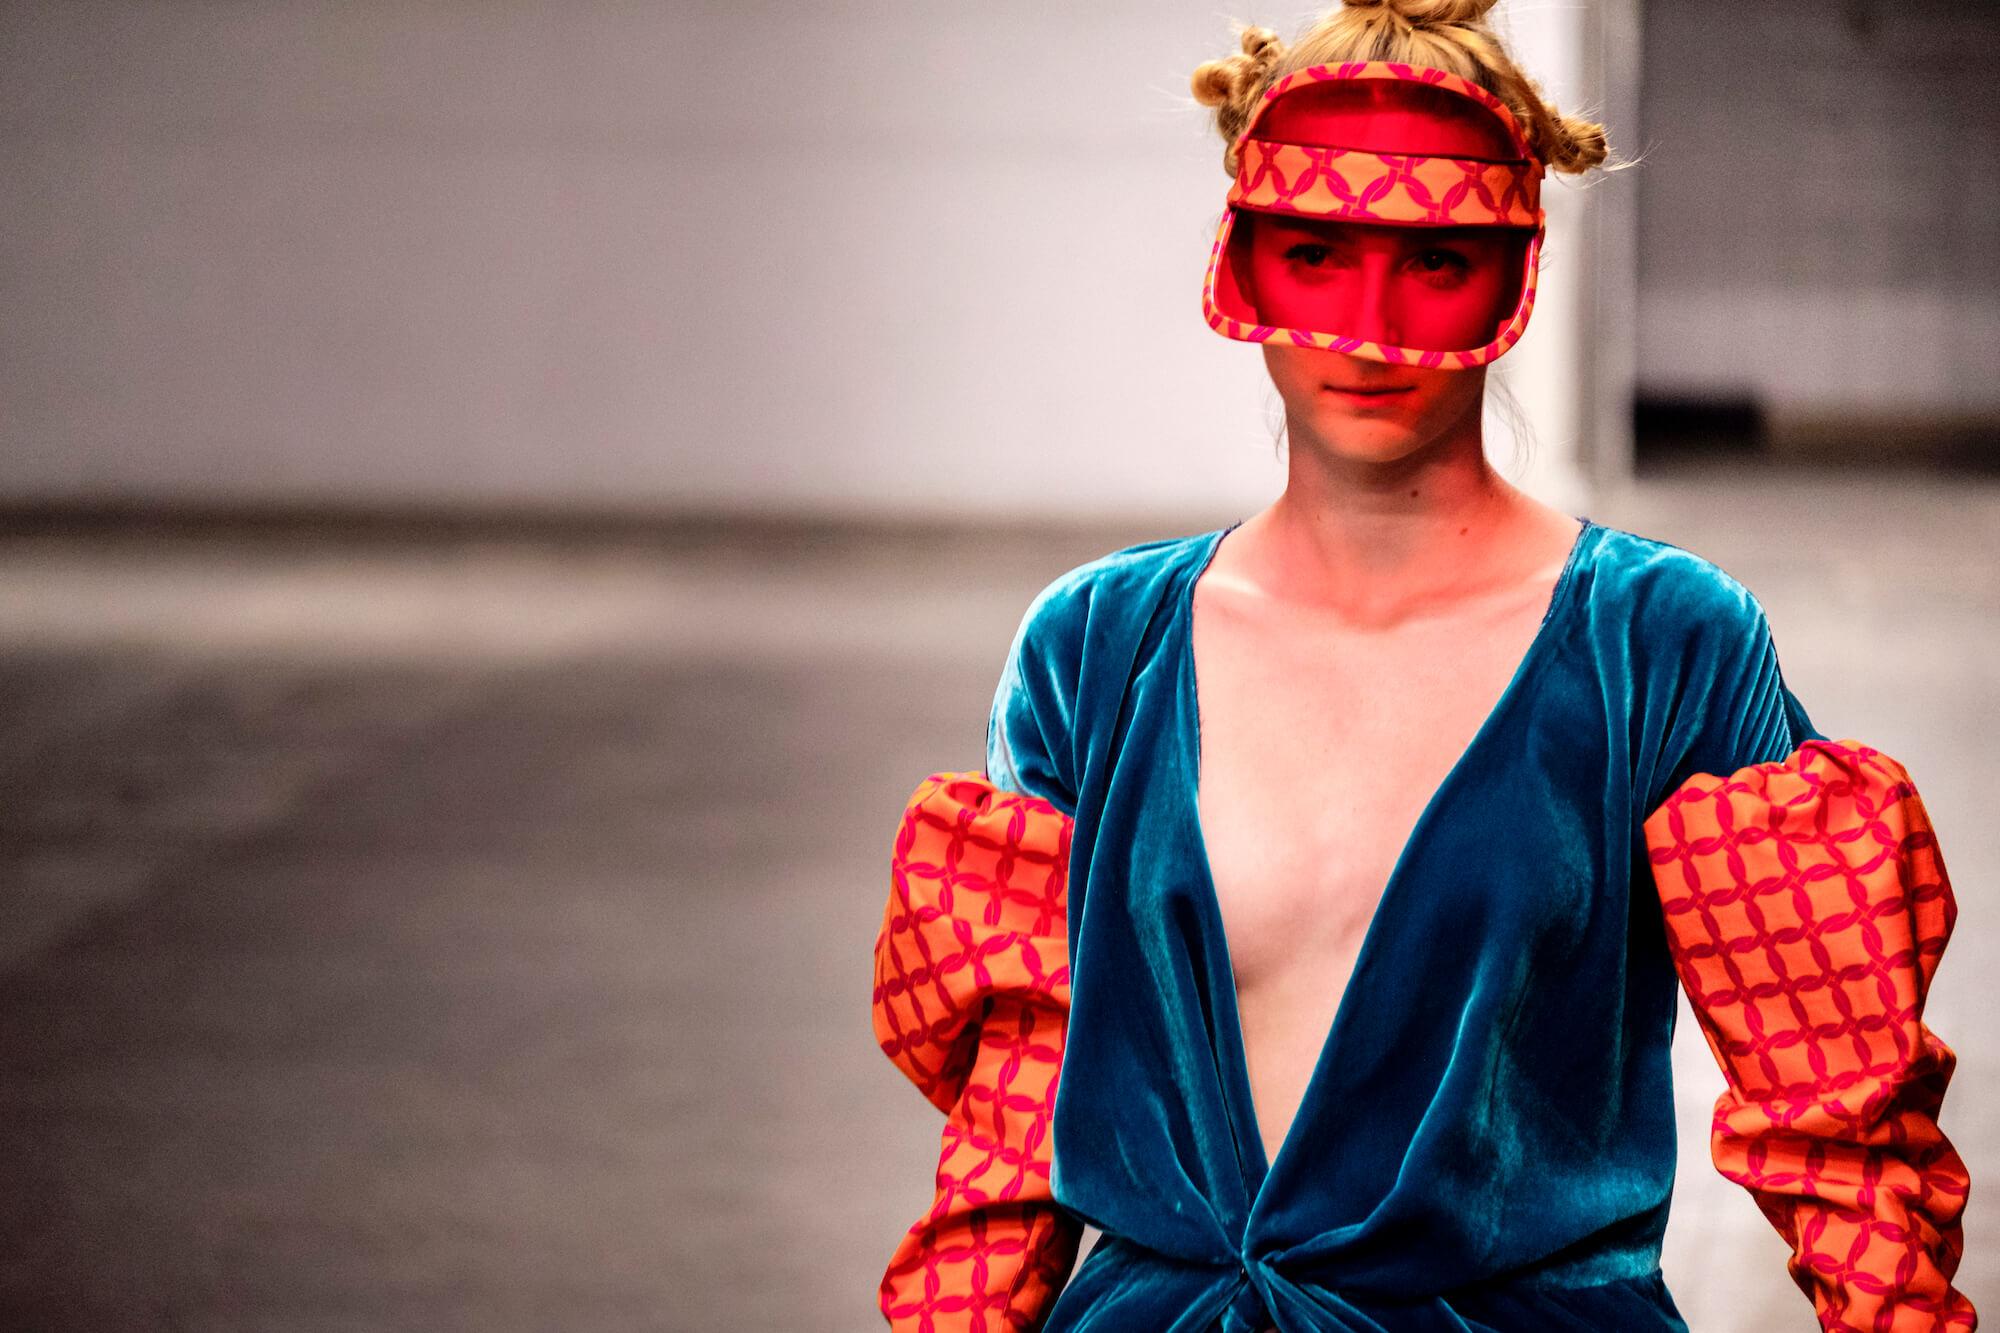 Dawid Tomaszewski SS19 Berlin Fashion Week Look blau mit Sonnenschutz rot